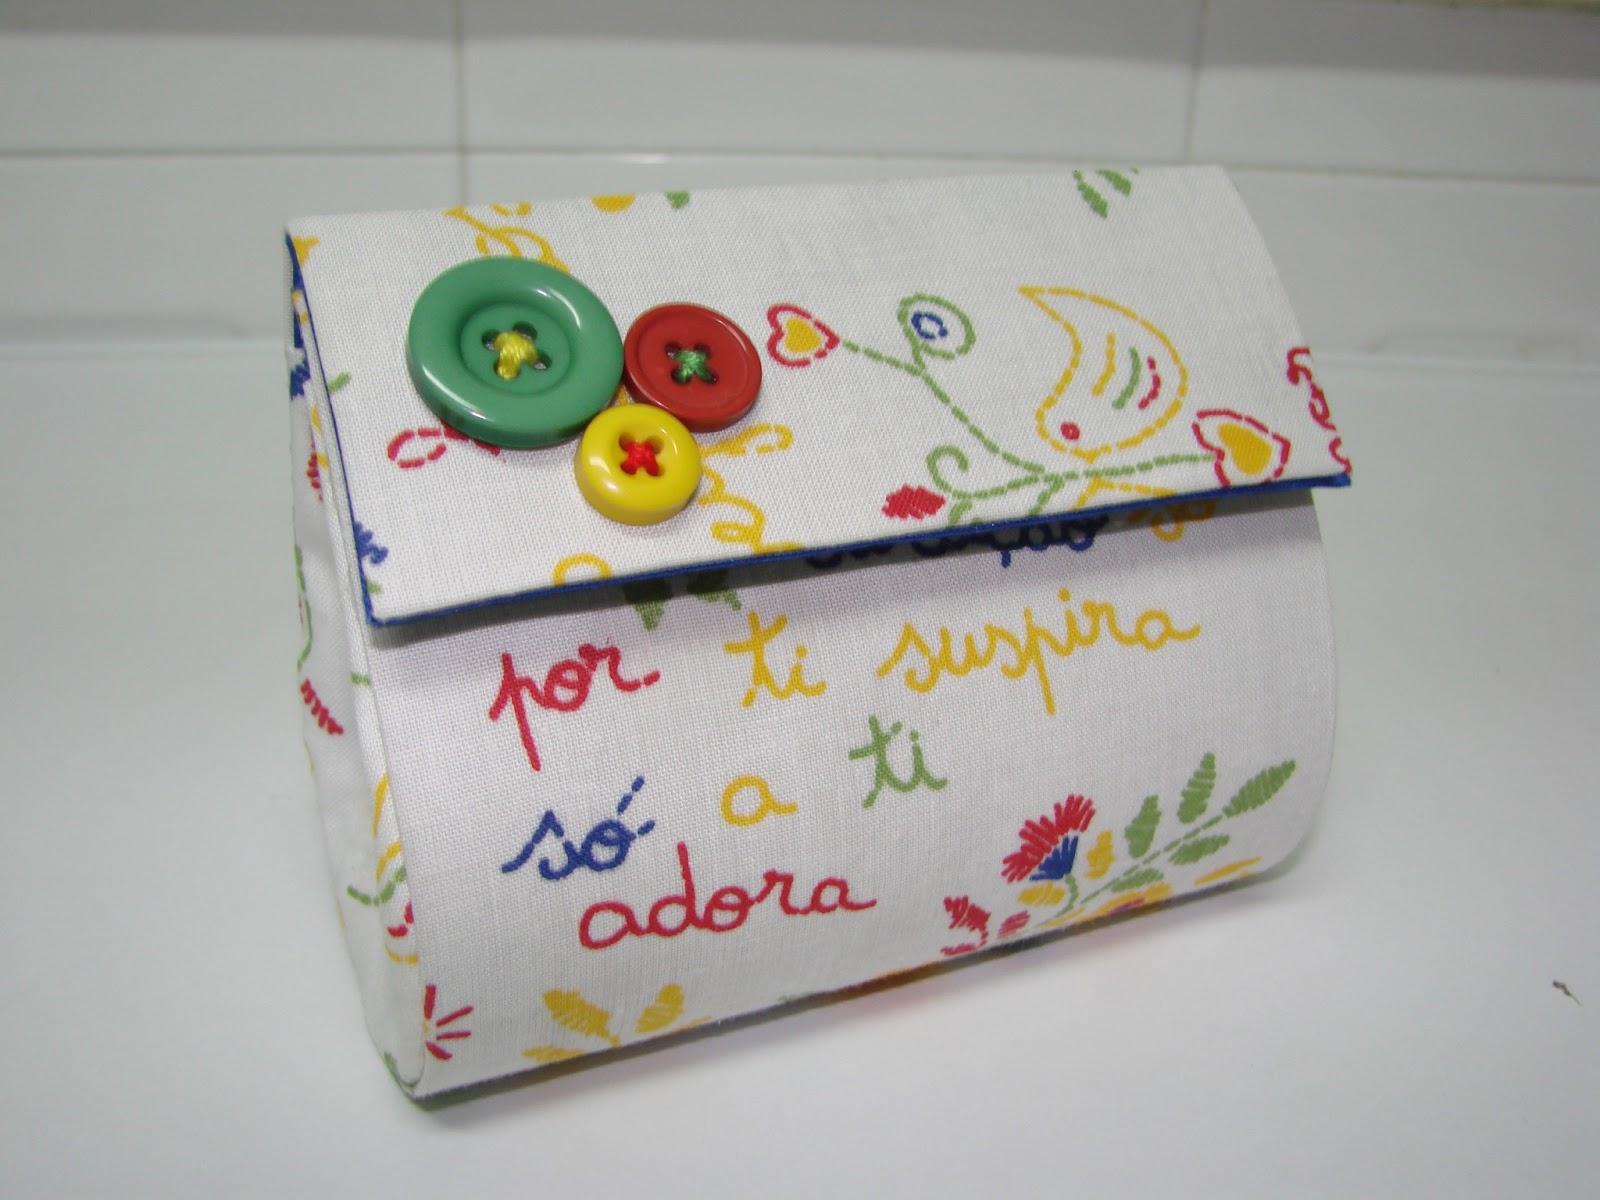 #A48927 Carteiras e bolsas para óculos de sol em cartonagem. 1206 Portas E Janelas De Madeira Em Vitoria Da Conquista